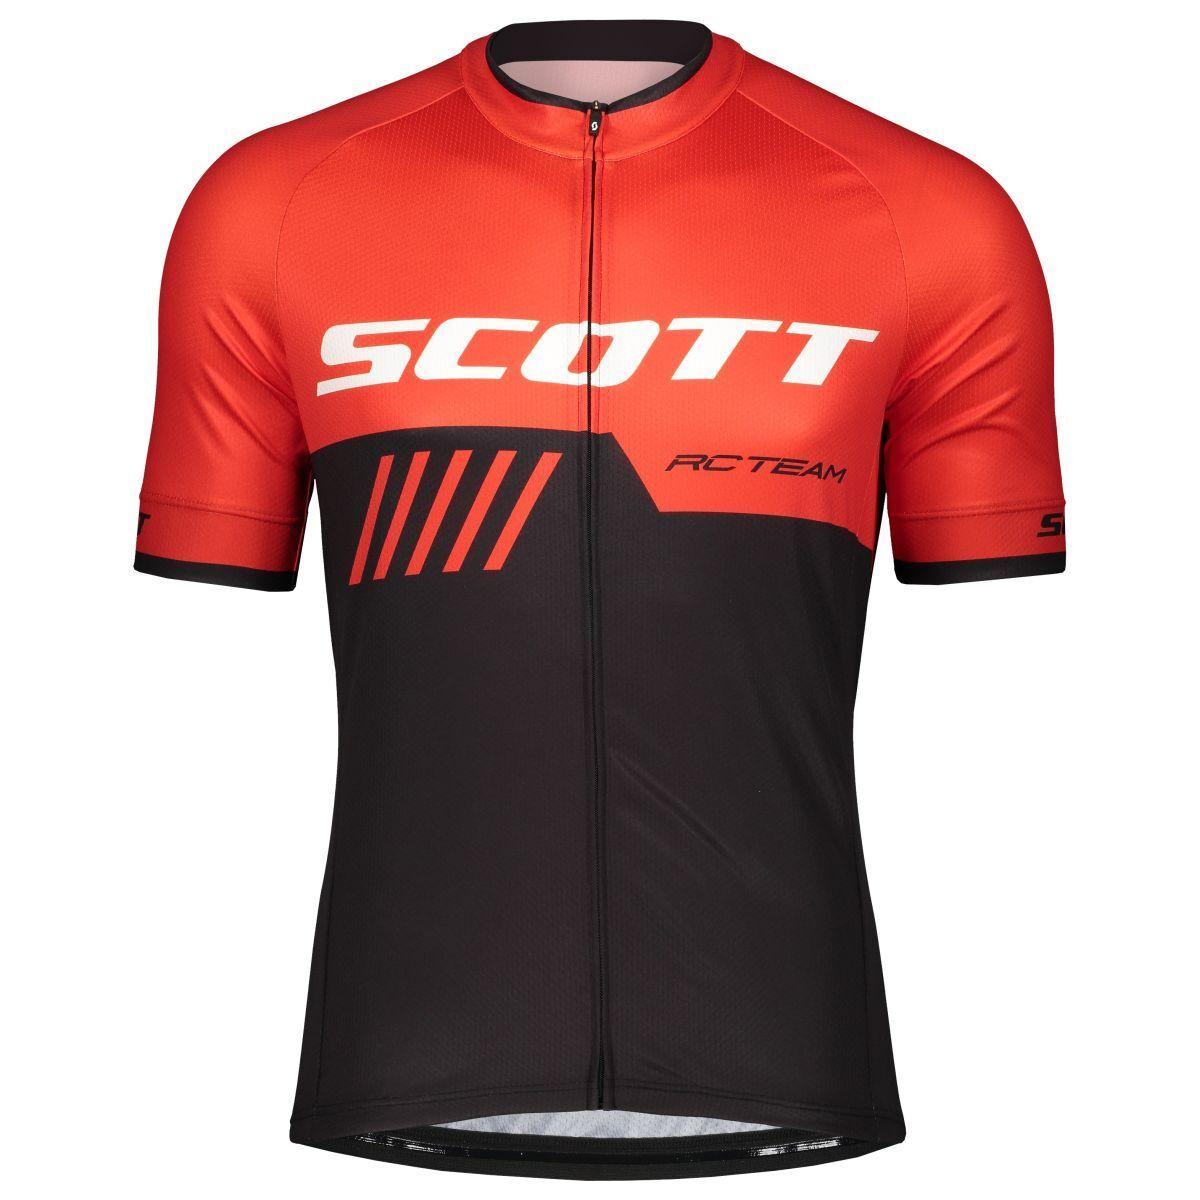 Scott RC Team 10 Fahrrad Trikot kurz black red 2019